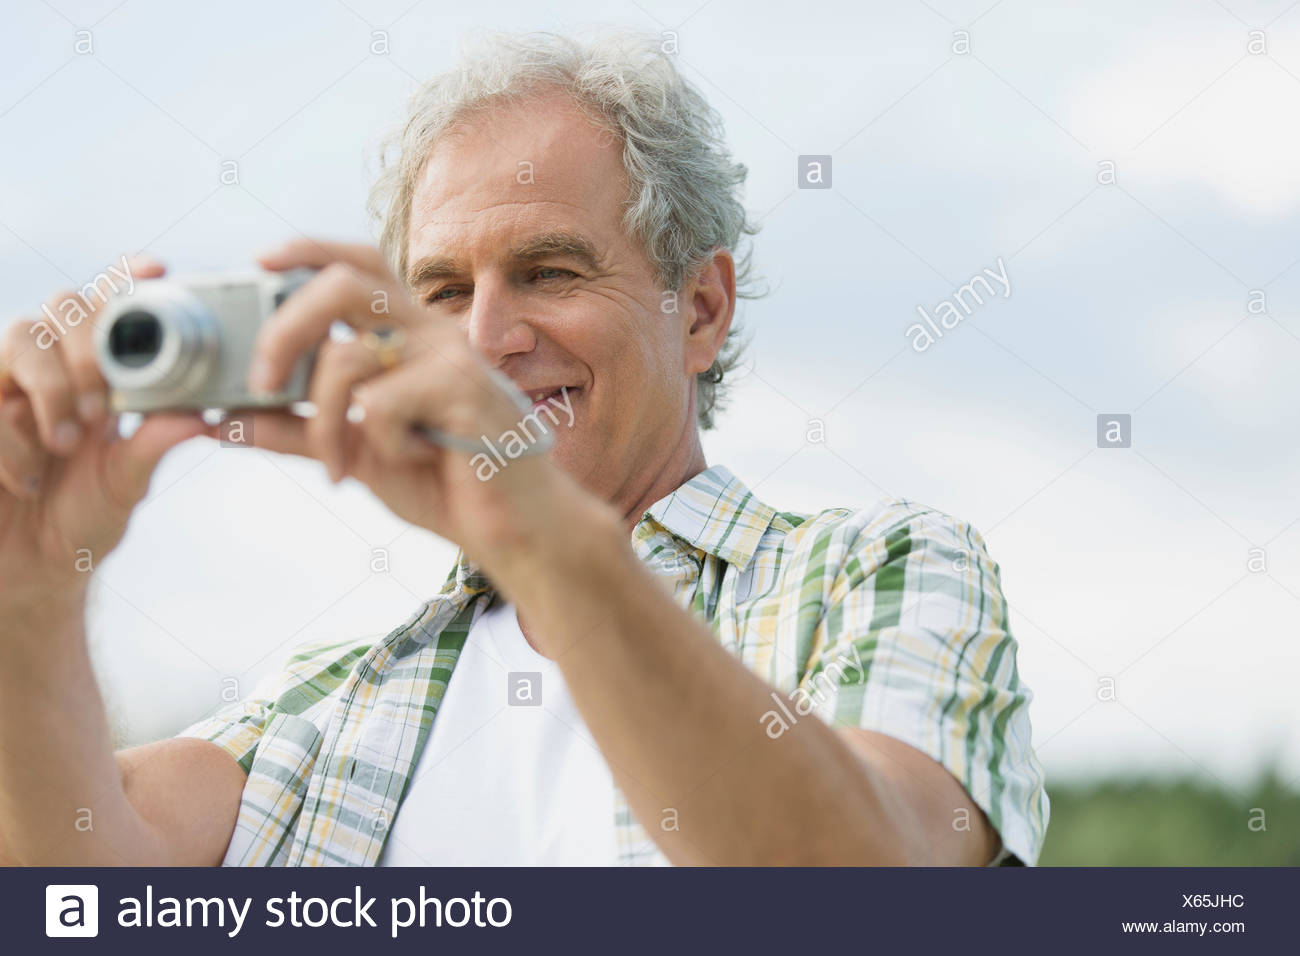 Attraente uomo senior concentrandosi videocamera all'esterno. Immagini Stock